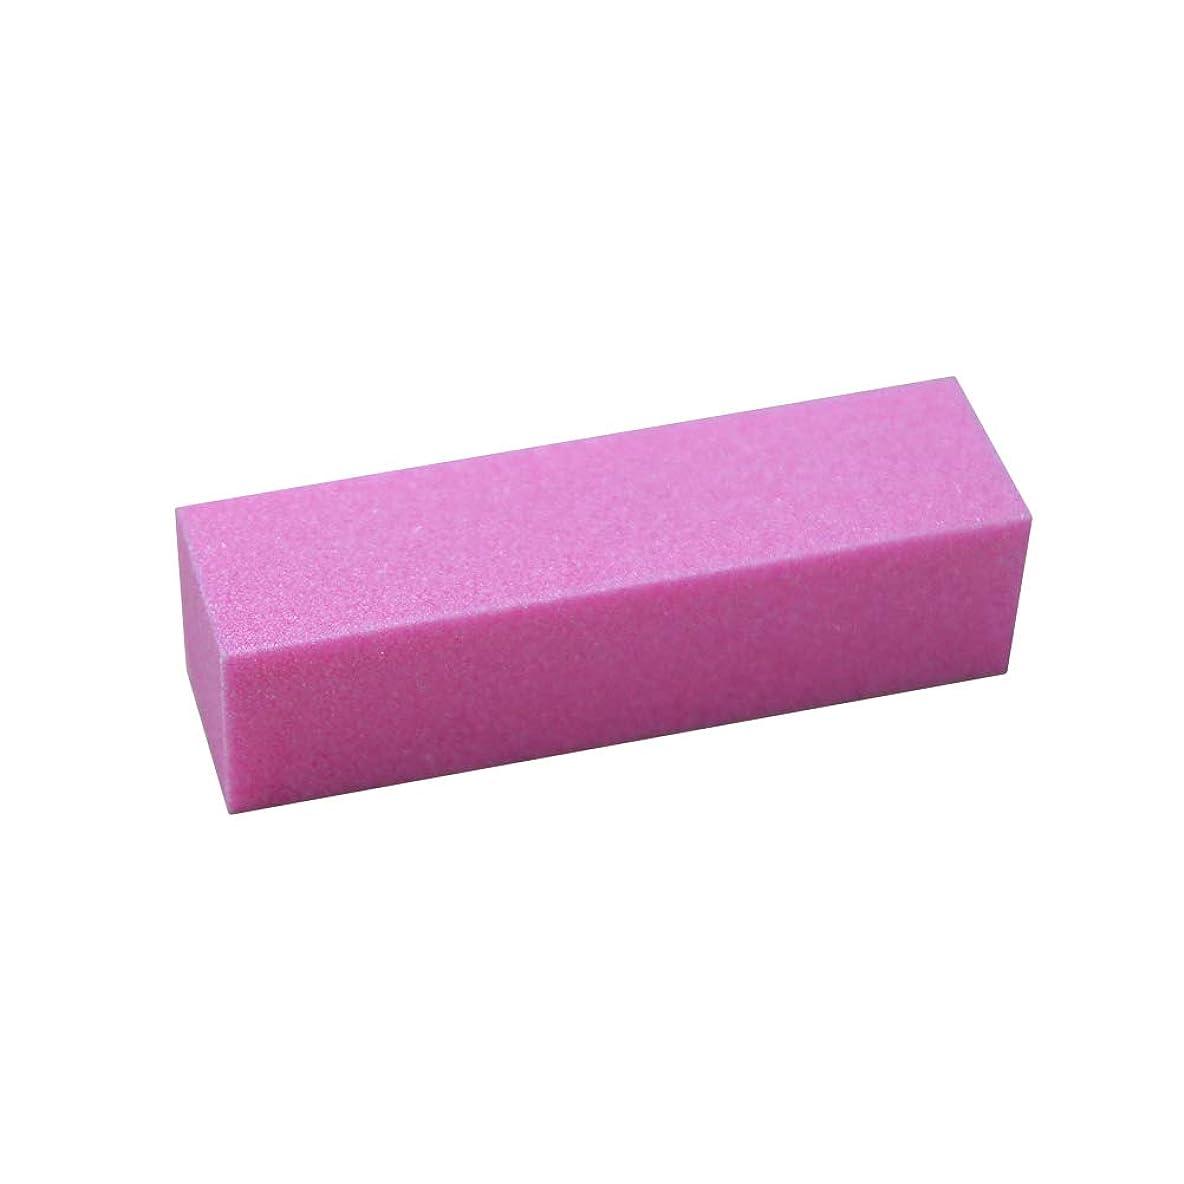 プログレッシブ敬意高めるLURROSE サンディングバフネイルポリッシャーポリッシュバッファバフブロックネイルファイルマニキュアアートペディキュアケアツール(ピンク)